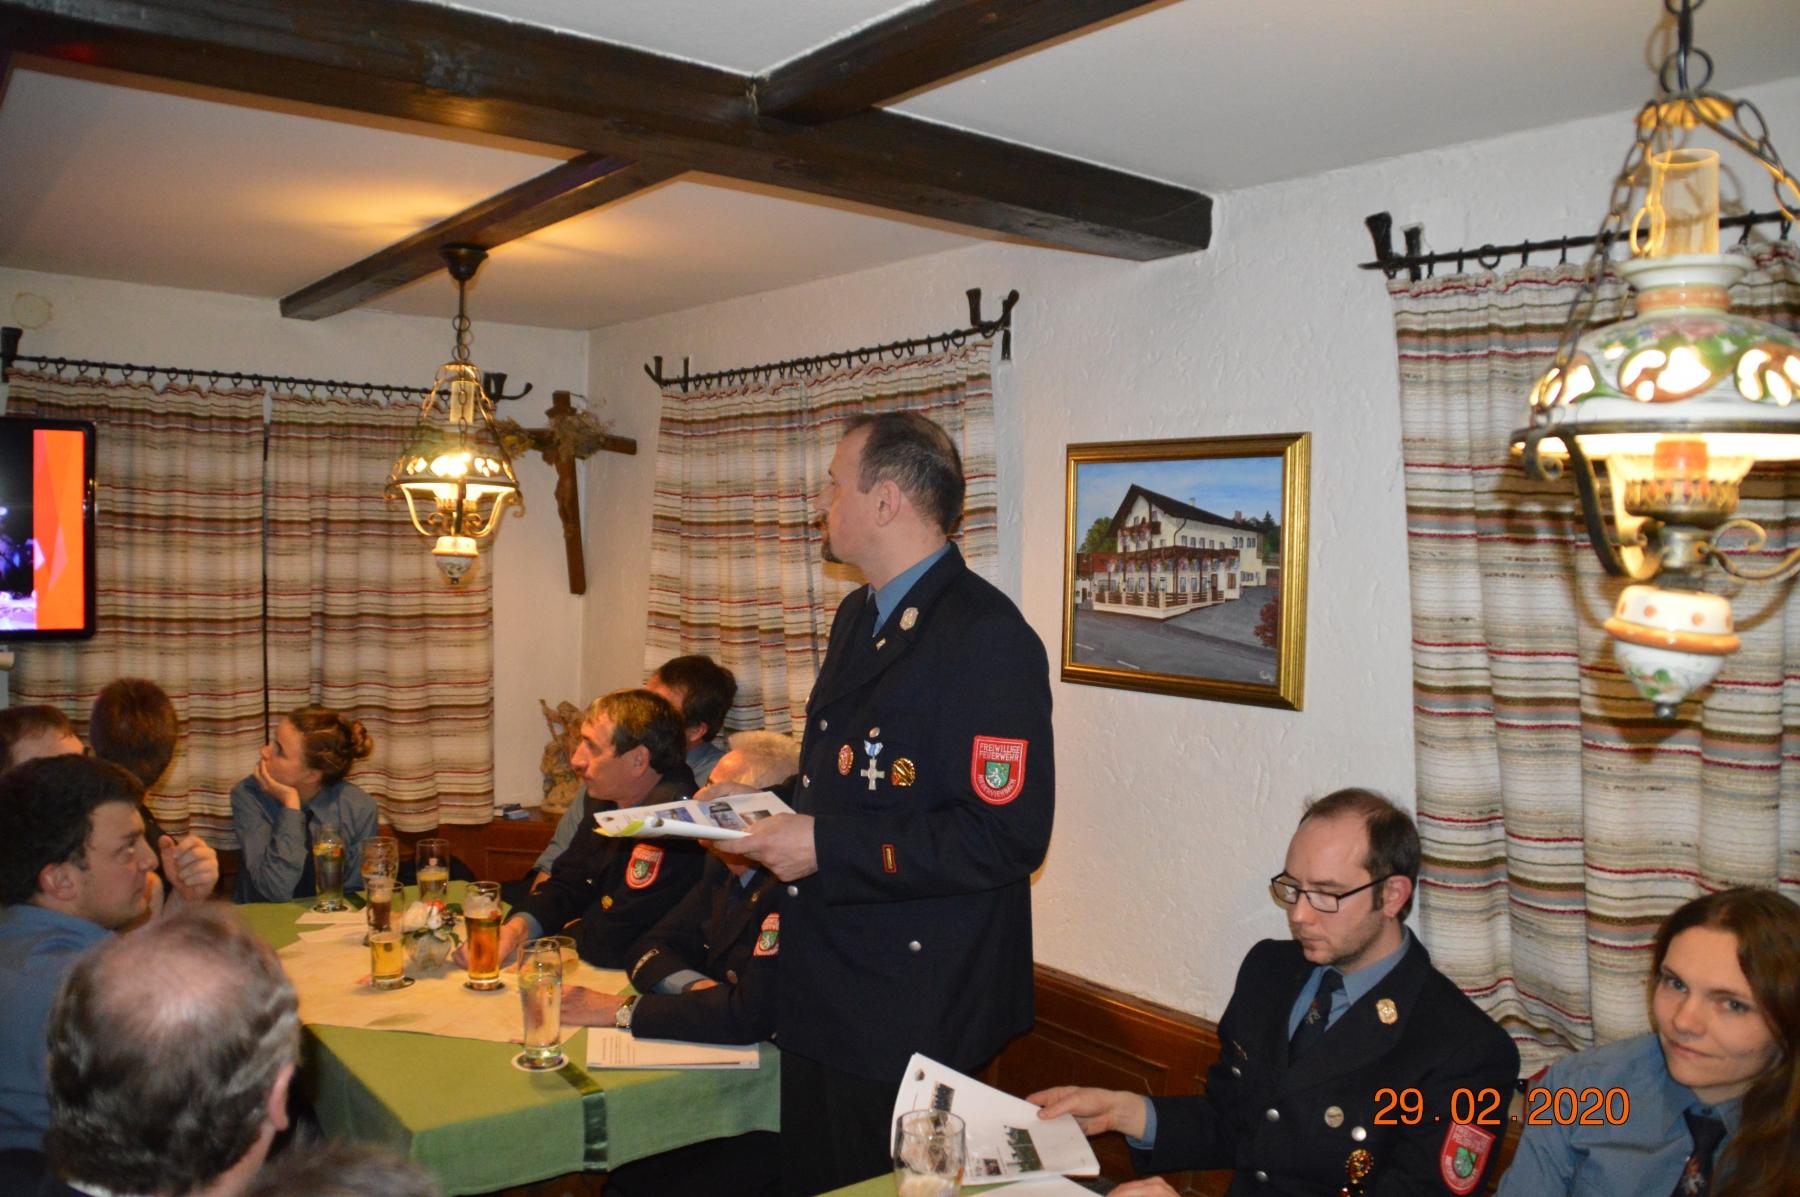 Bericht des Kommandanten Stephan Neumeier